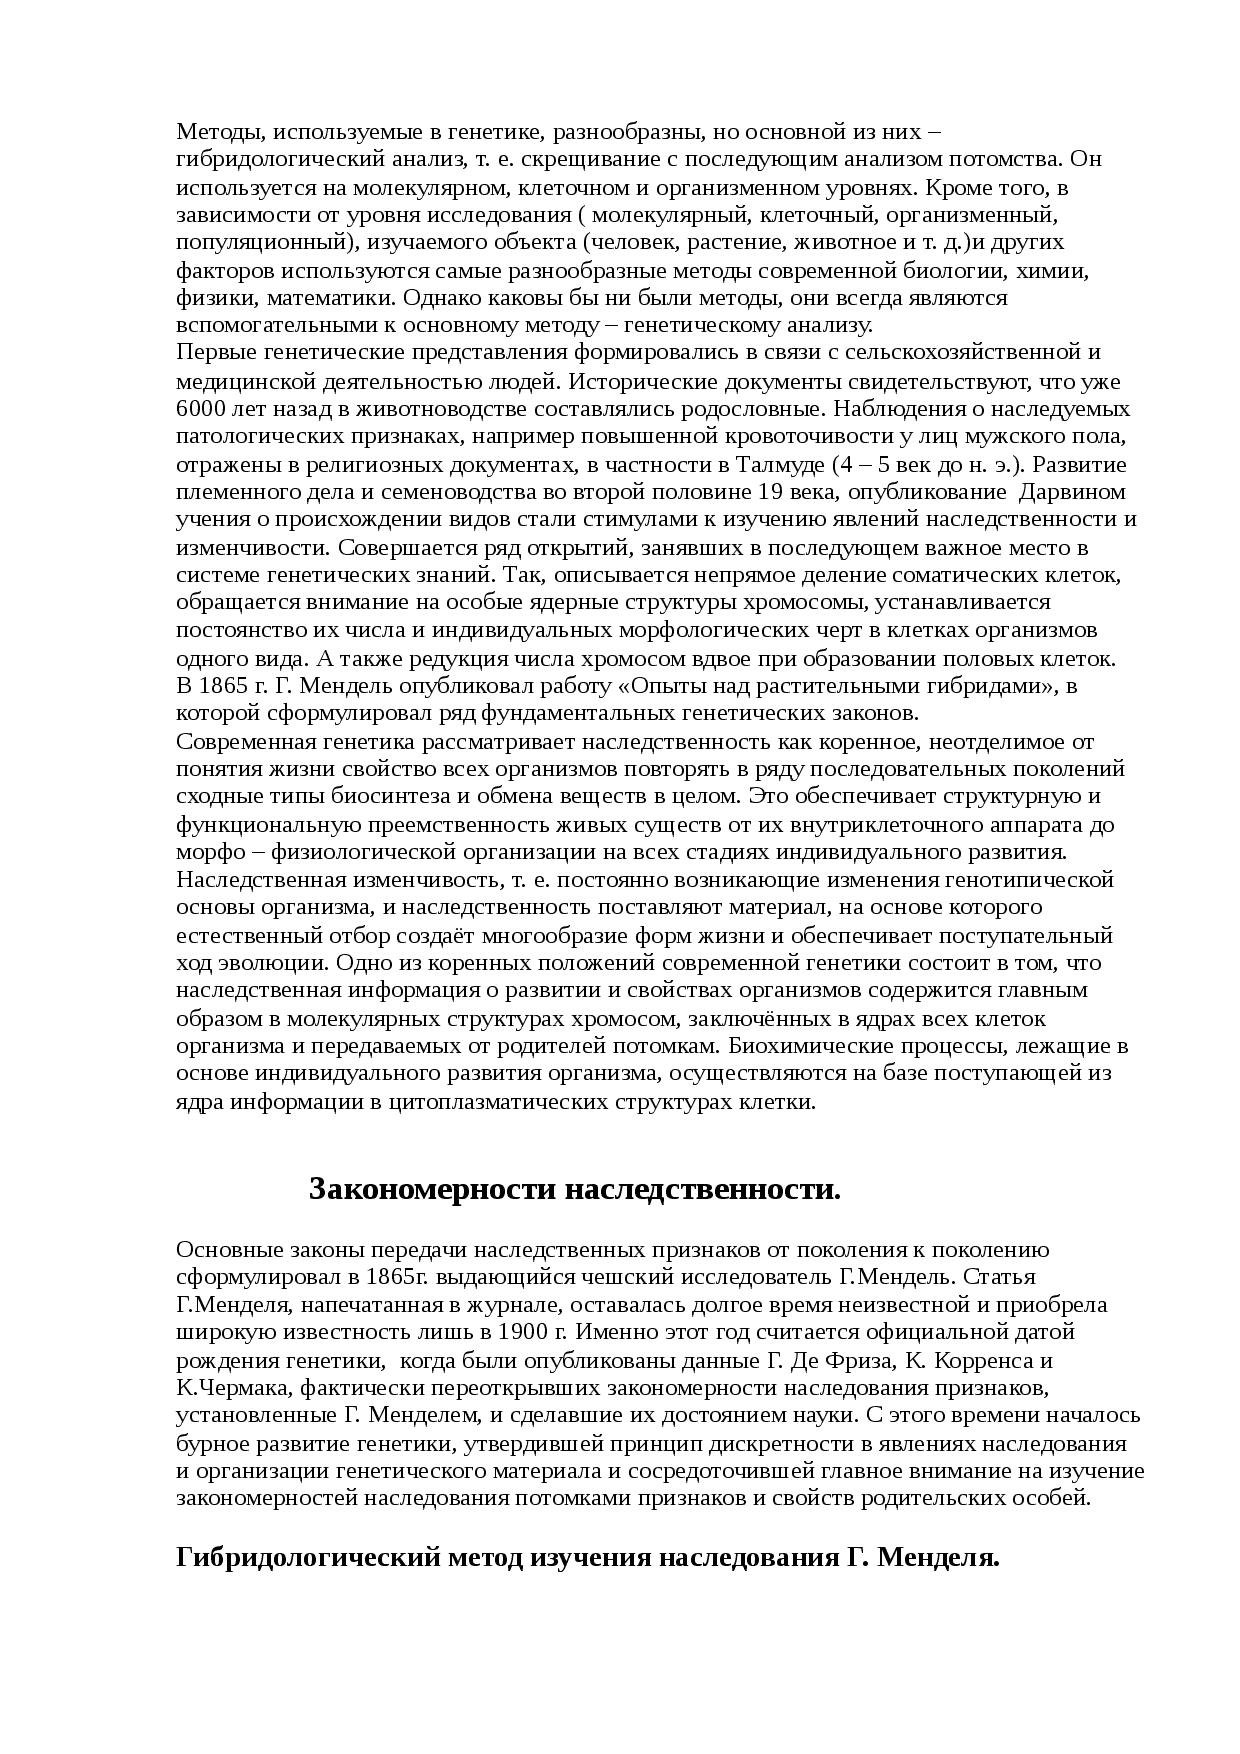 § 35. наследственная изменчивость человека